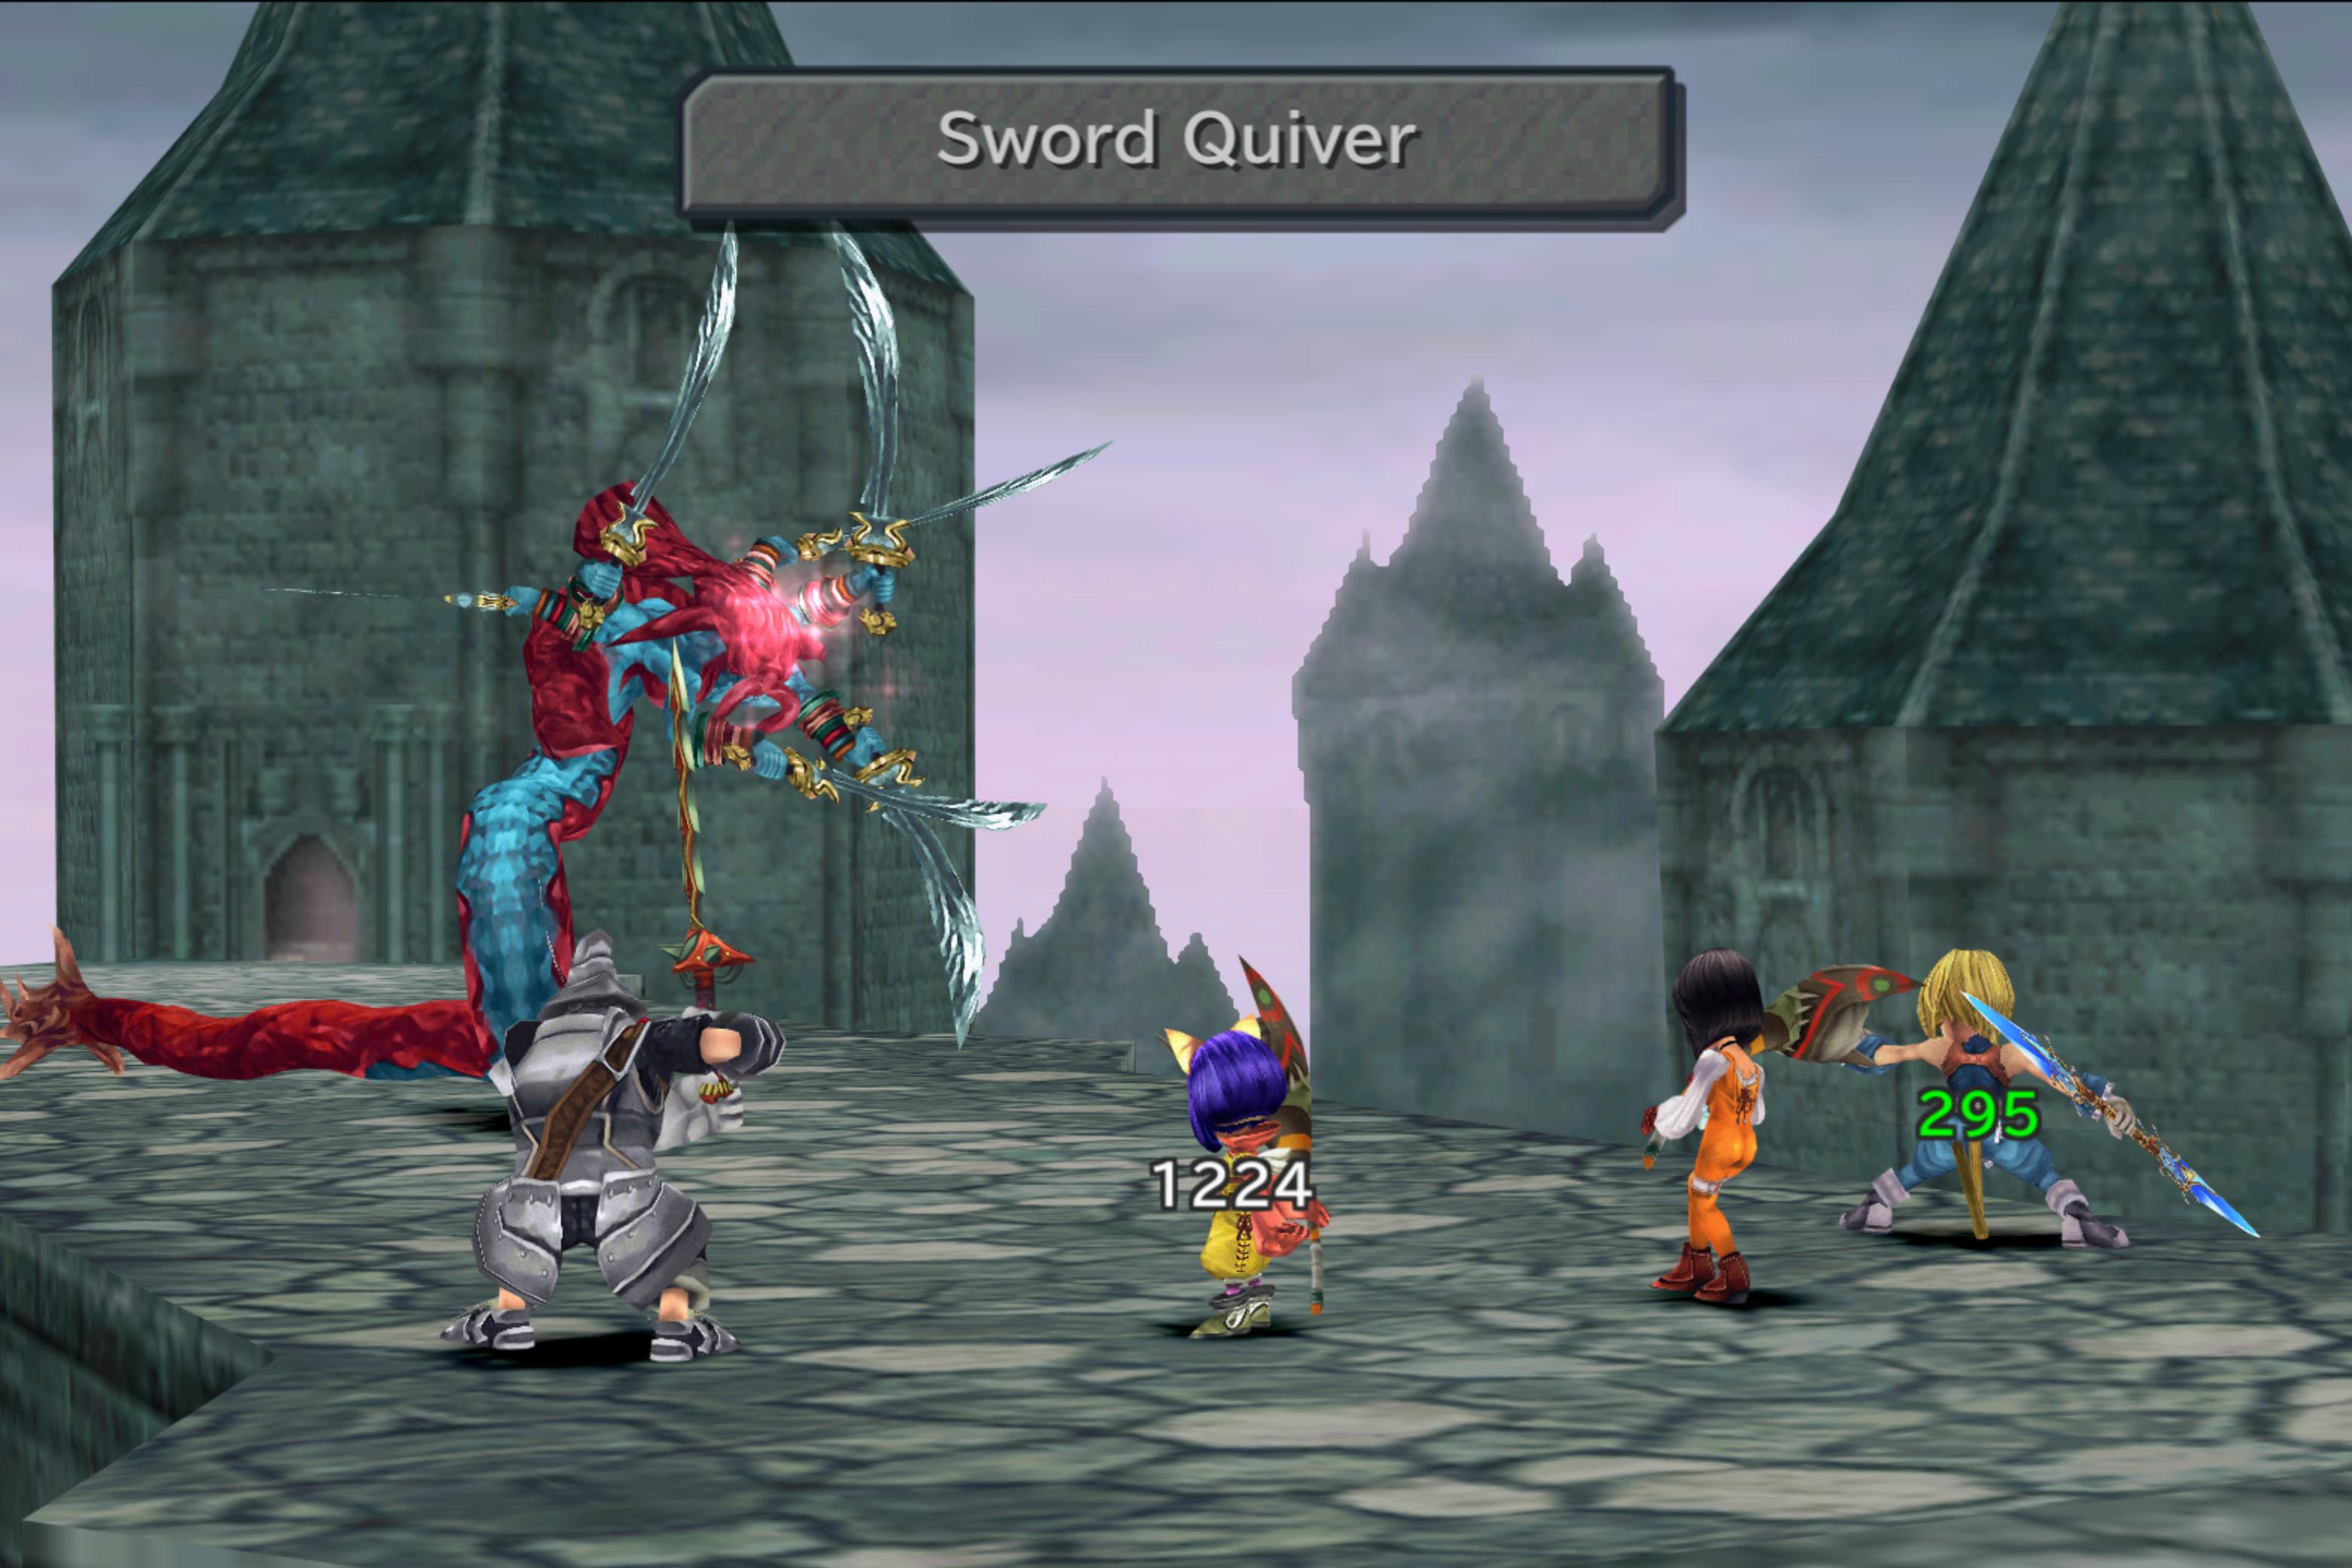 File:FFIX Sword Quiver.png